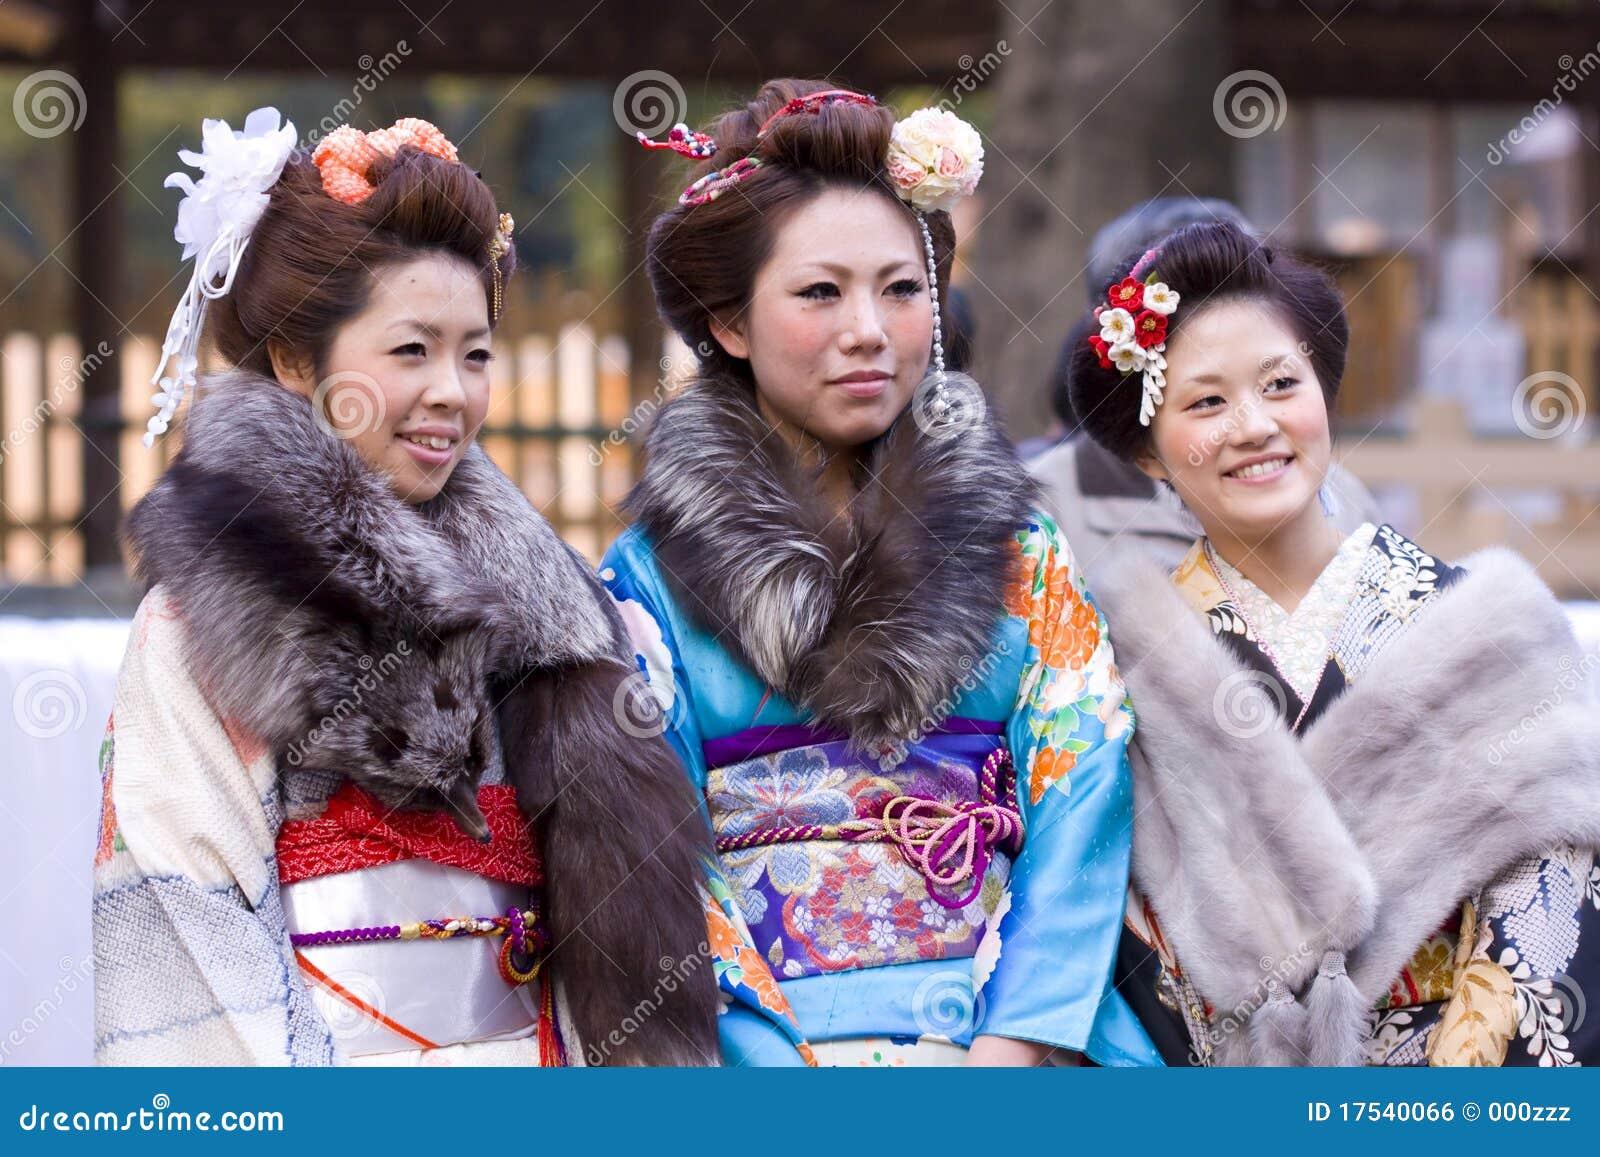 japanische single frauen Freundin gesucht ab 50 partnervermittlung japanische frauen single partnersuche in greifswald uni partnersuche ohne registrierung at partnervermittlung.